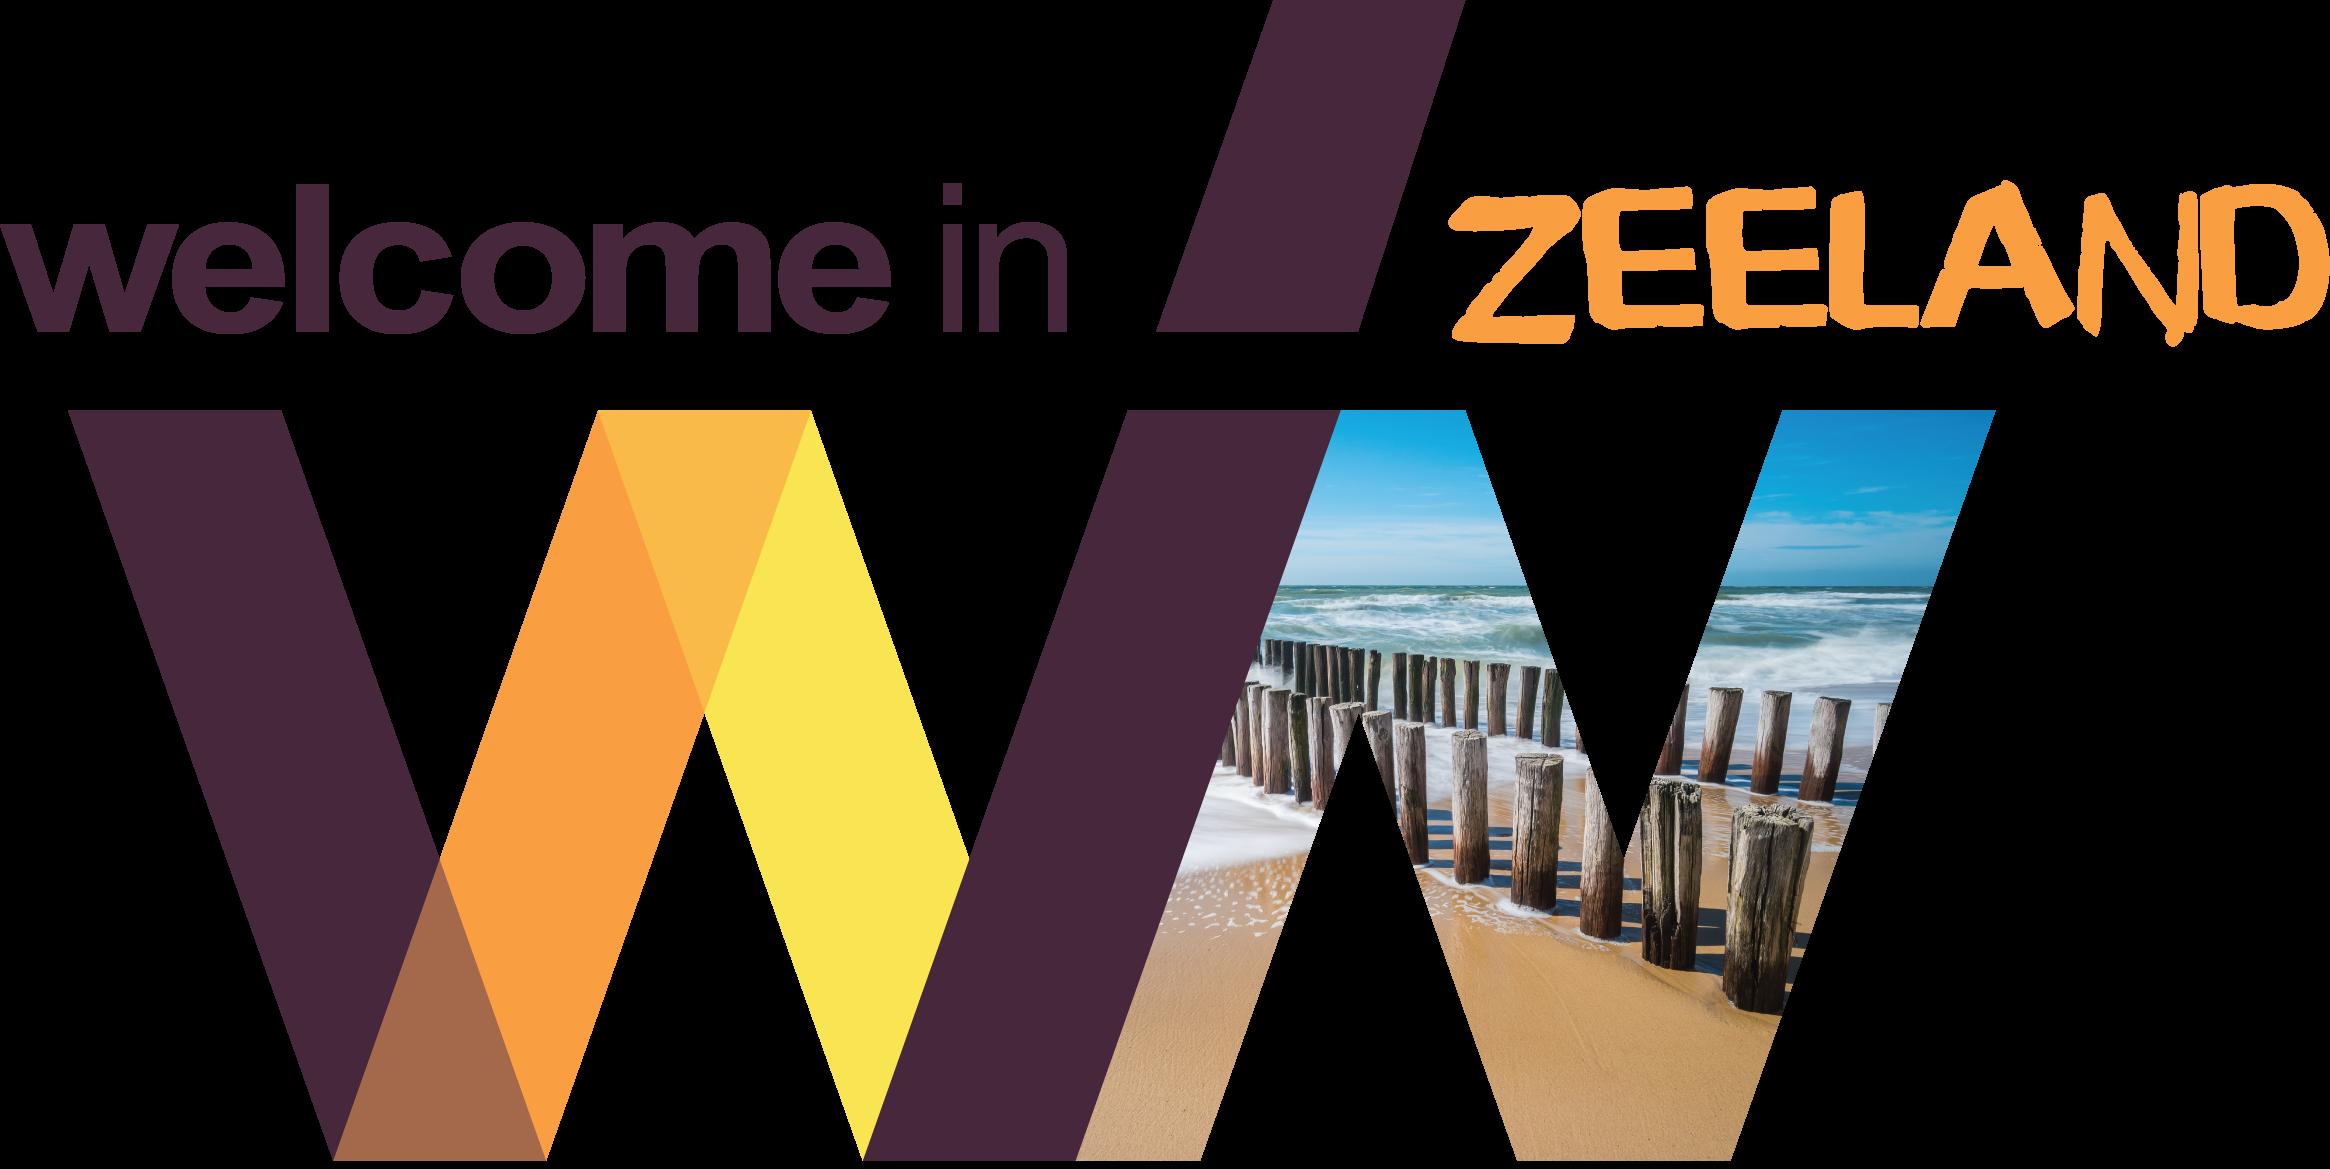 Welcome in Zeeland